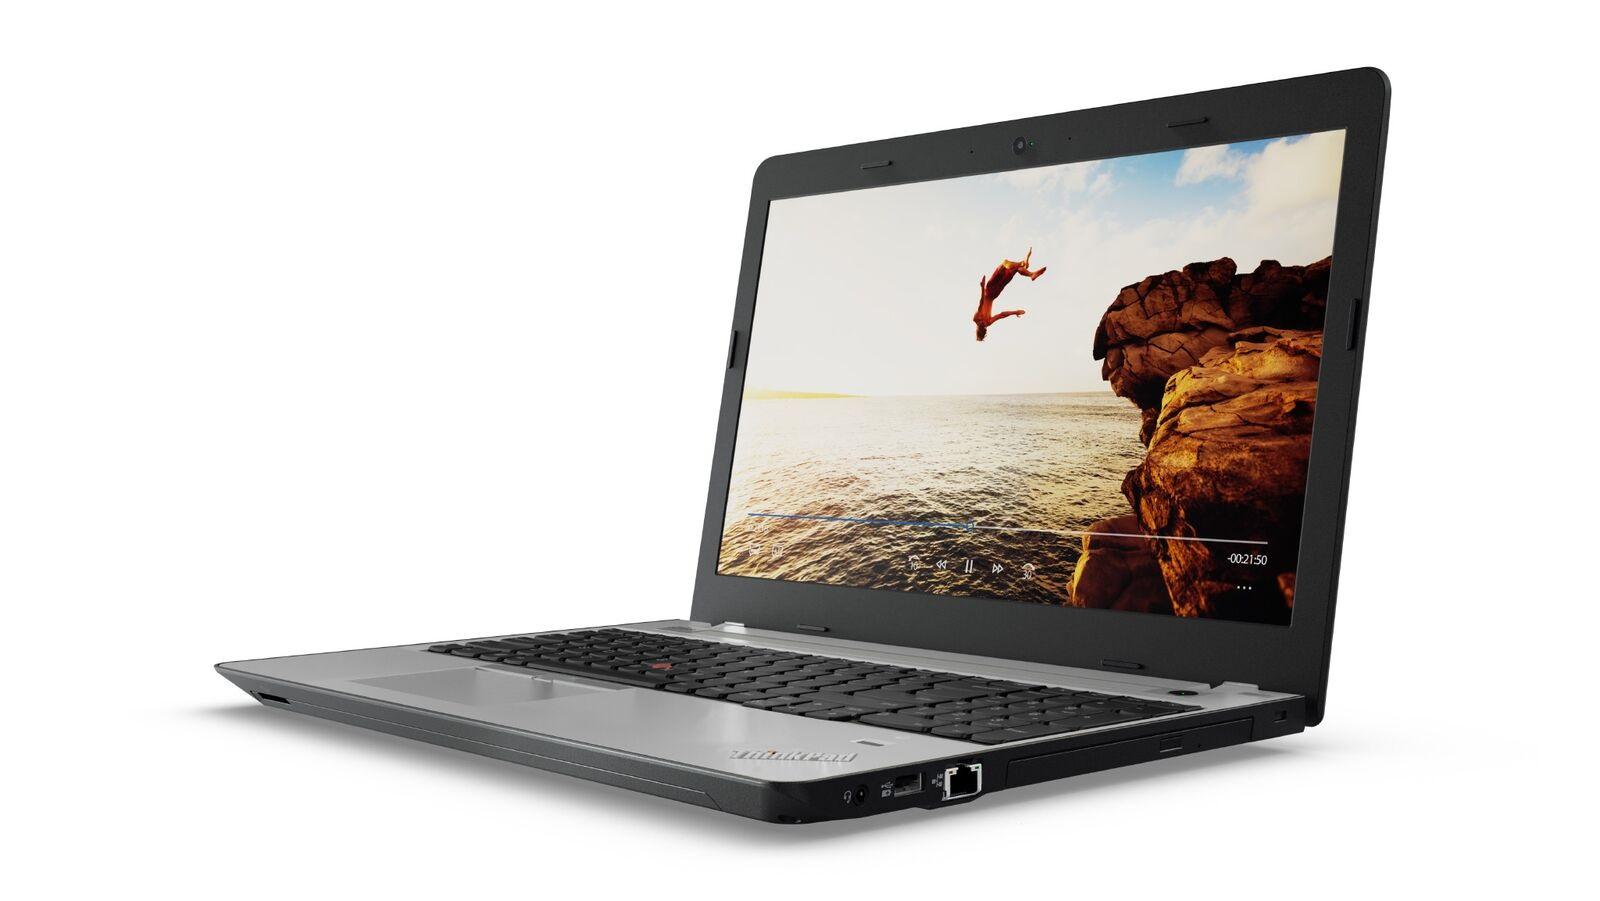 """Lenovo ThinkPad E570 i5-7200U/8GB/1TB-5400/DVD±RW/HD Graphics 620/15,6""""FHD matný/Win10PRO černo-stříbrný"""